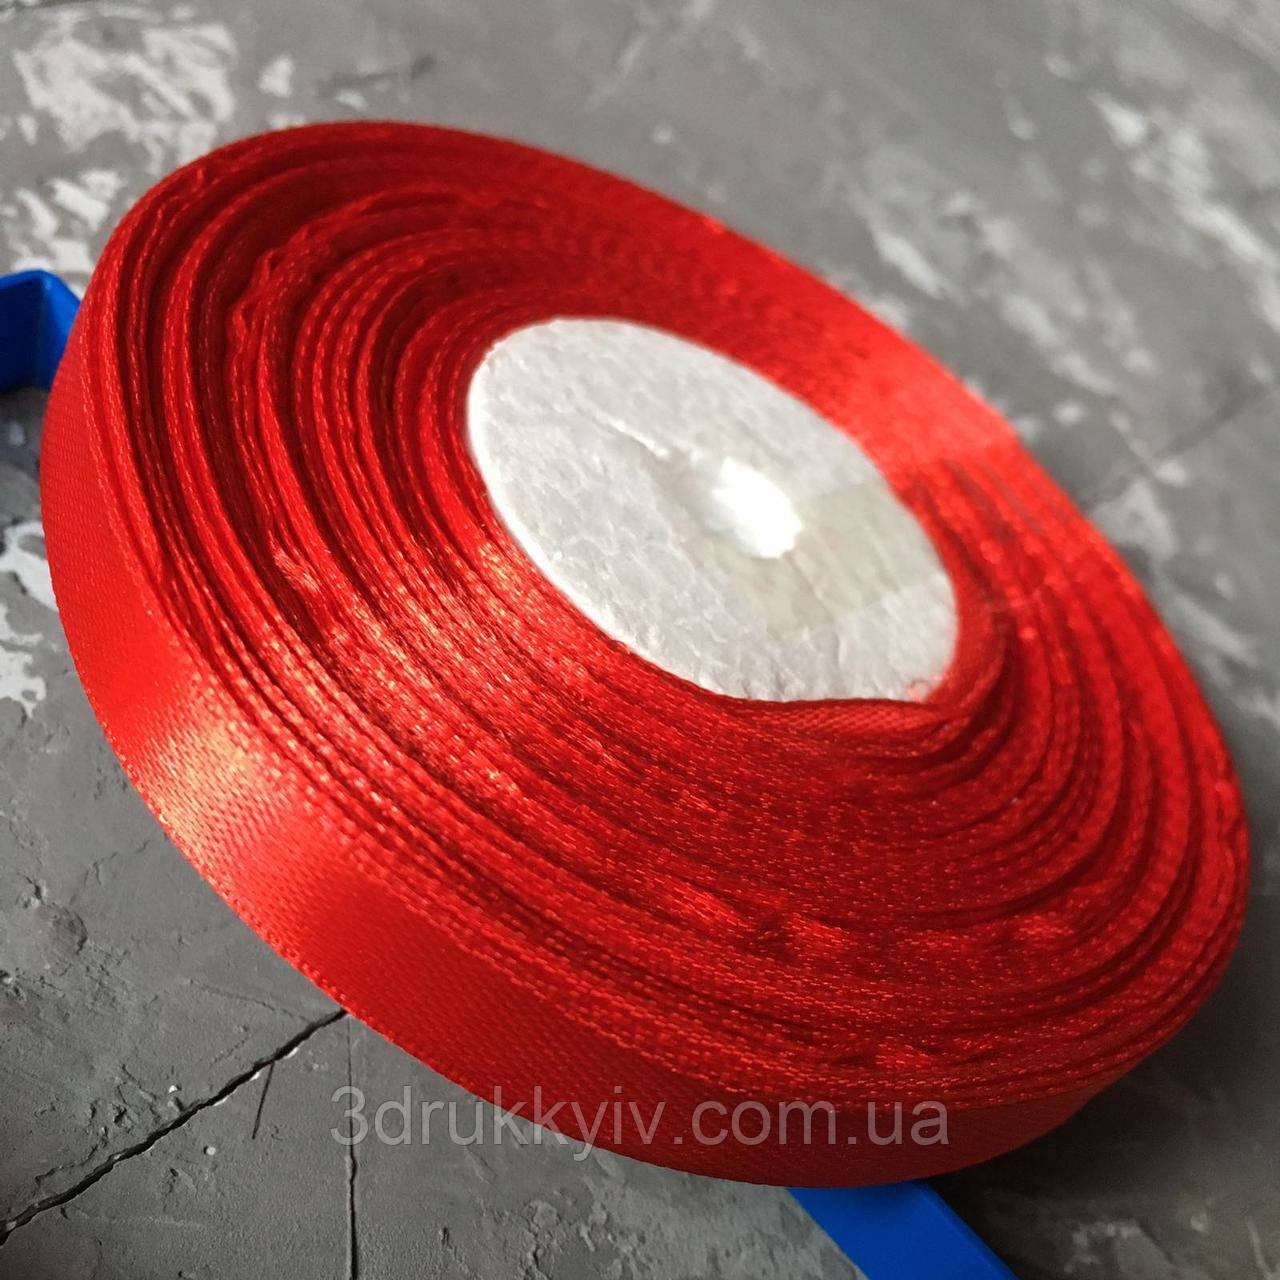 Стрічка атласна червона 0,9 см. / Лента атласная красная